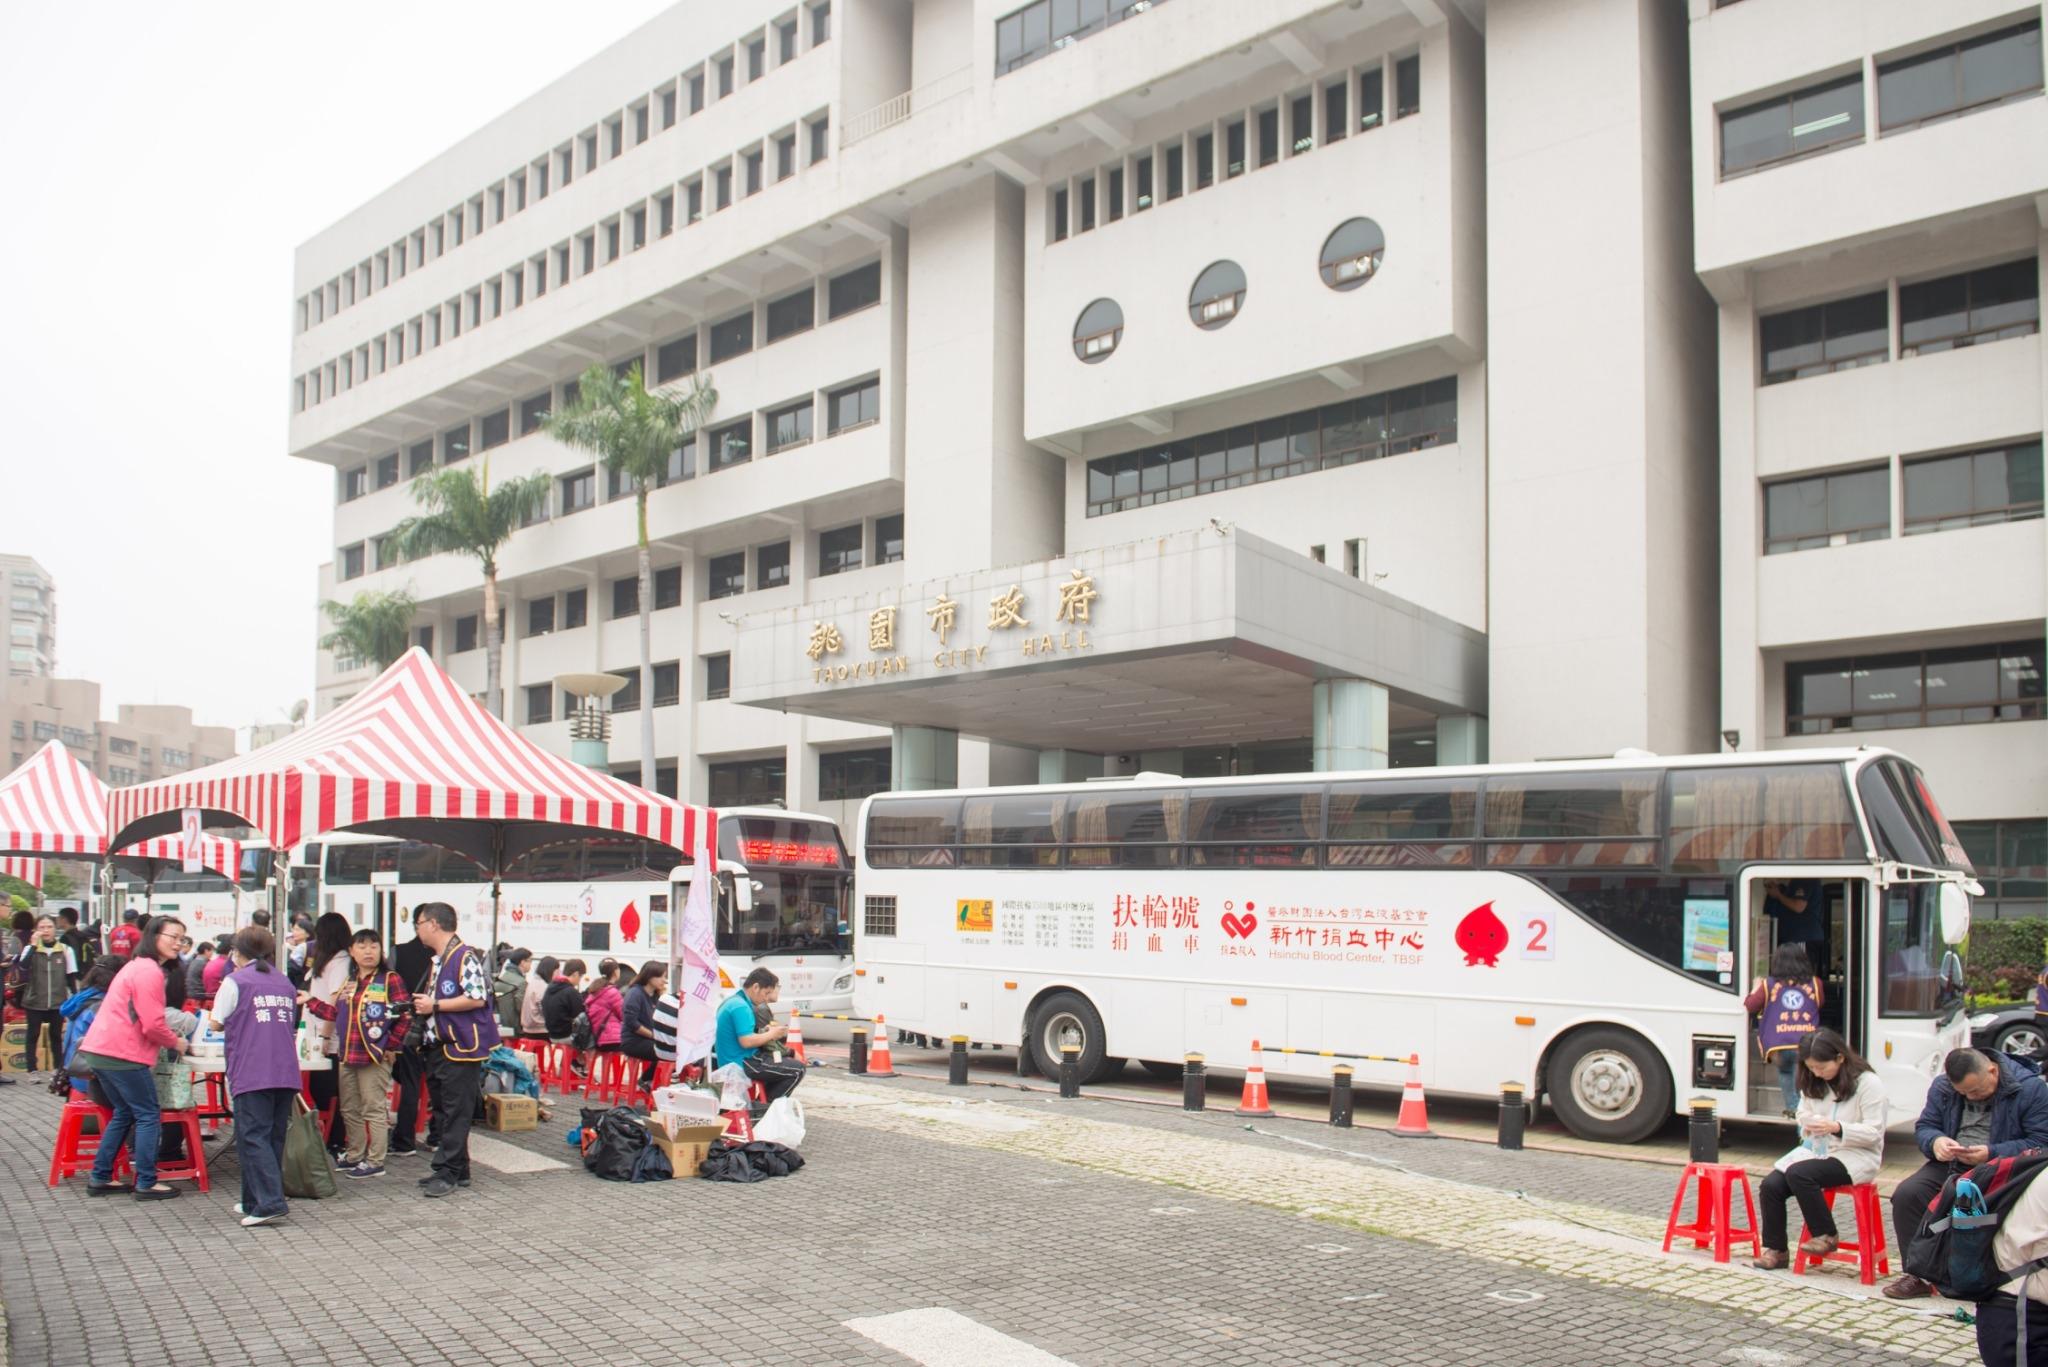 「捐血有愛‧我愛捐血」捐血公益活動出動4部捐血車